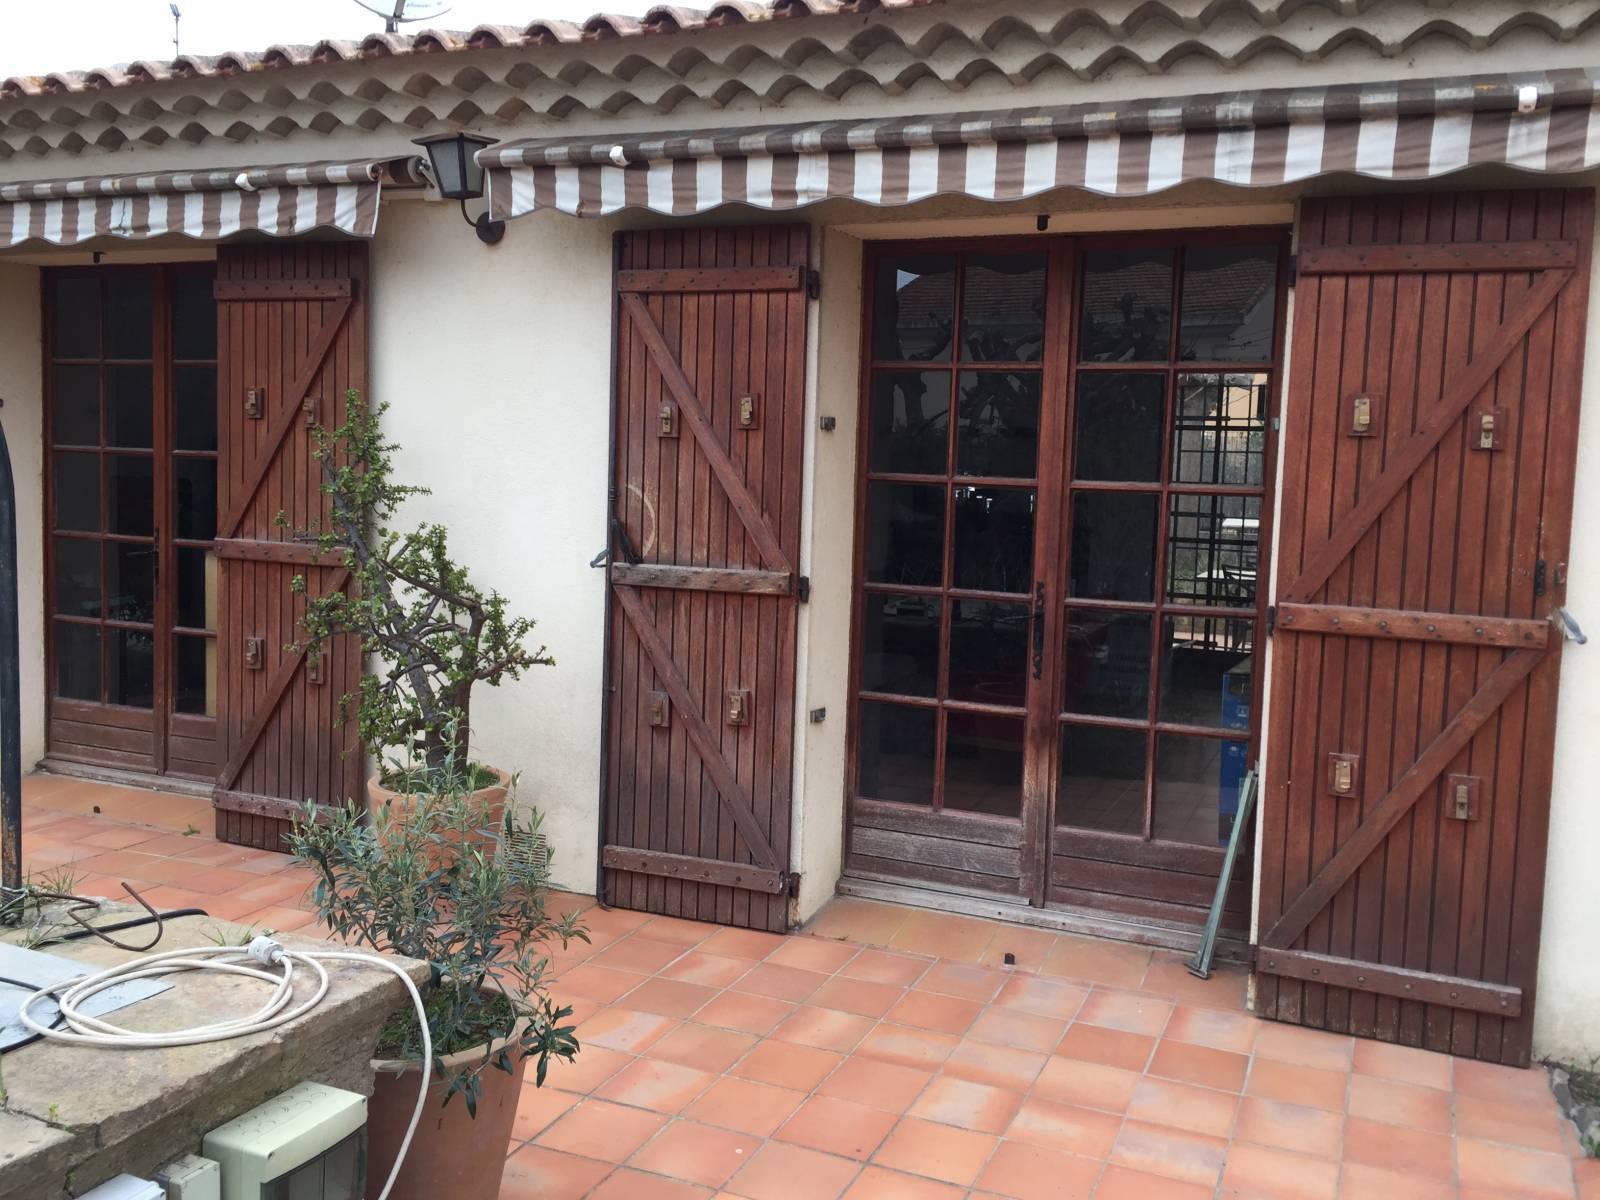 Fenetres Renovation Ou Remplacement rénovation de fenêtres et volets d'une maison à six fours